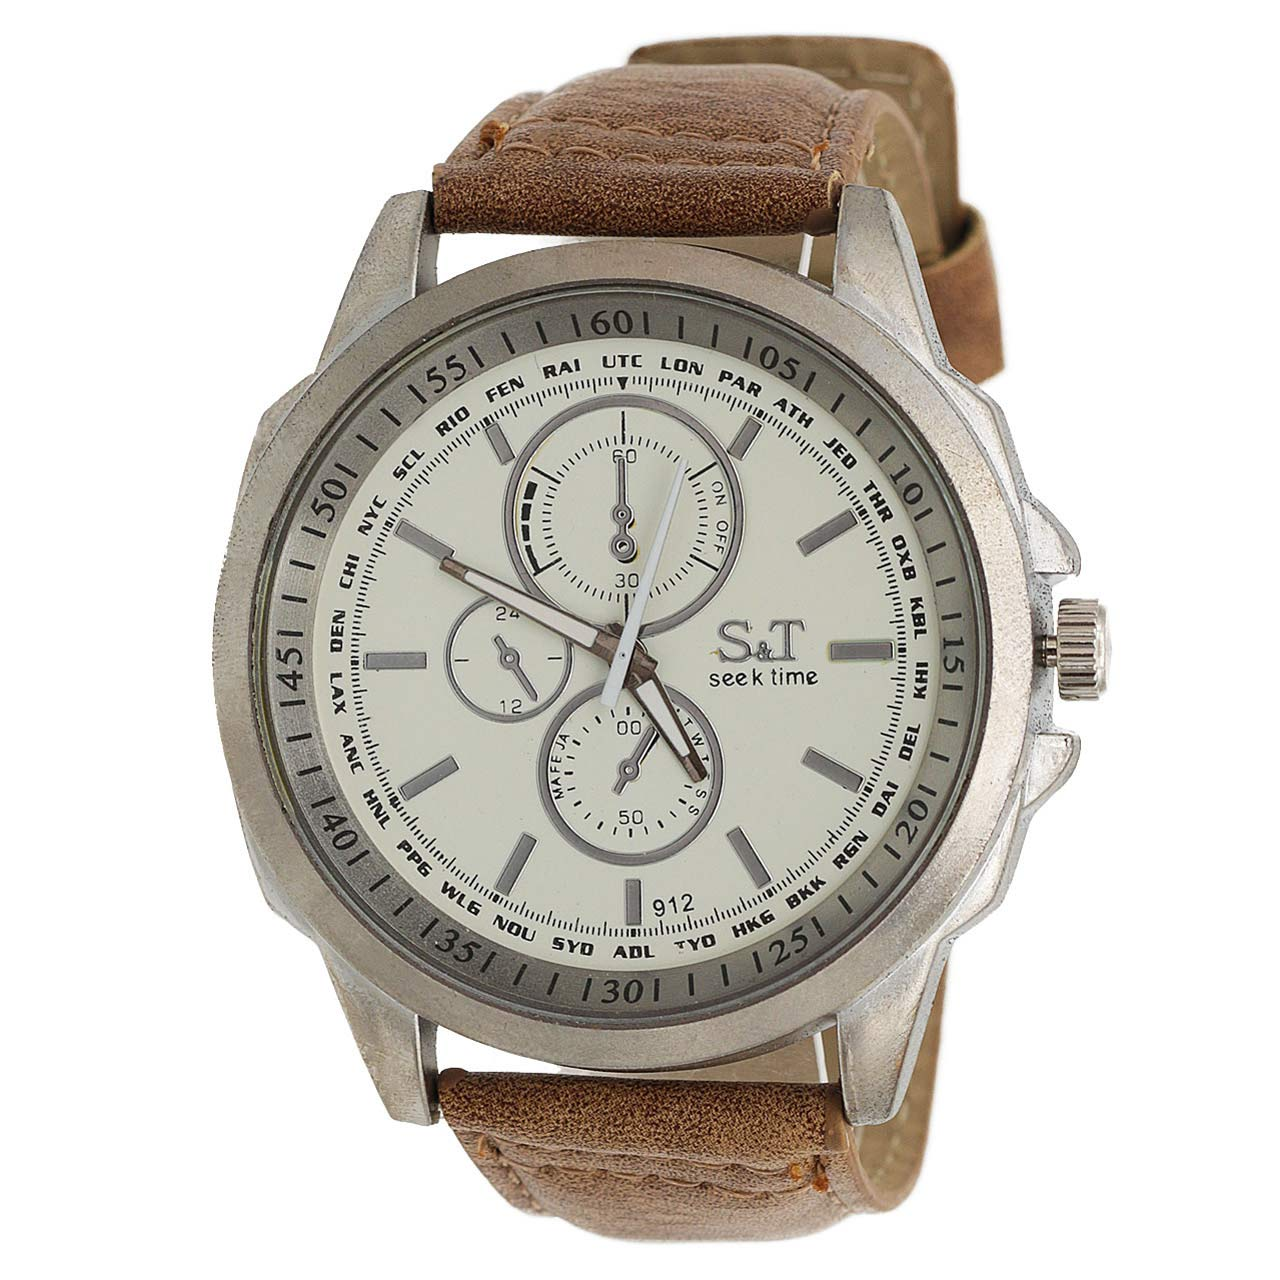 ساعت مچی عقربه ای مردانه اس تی مدل ST1965 52